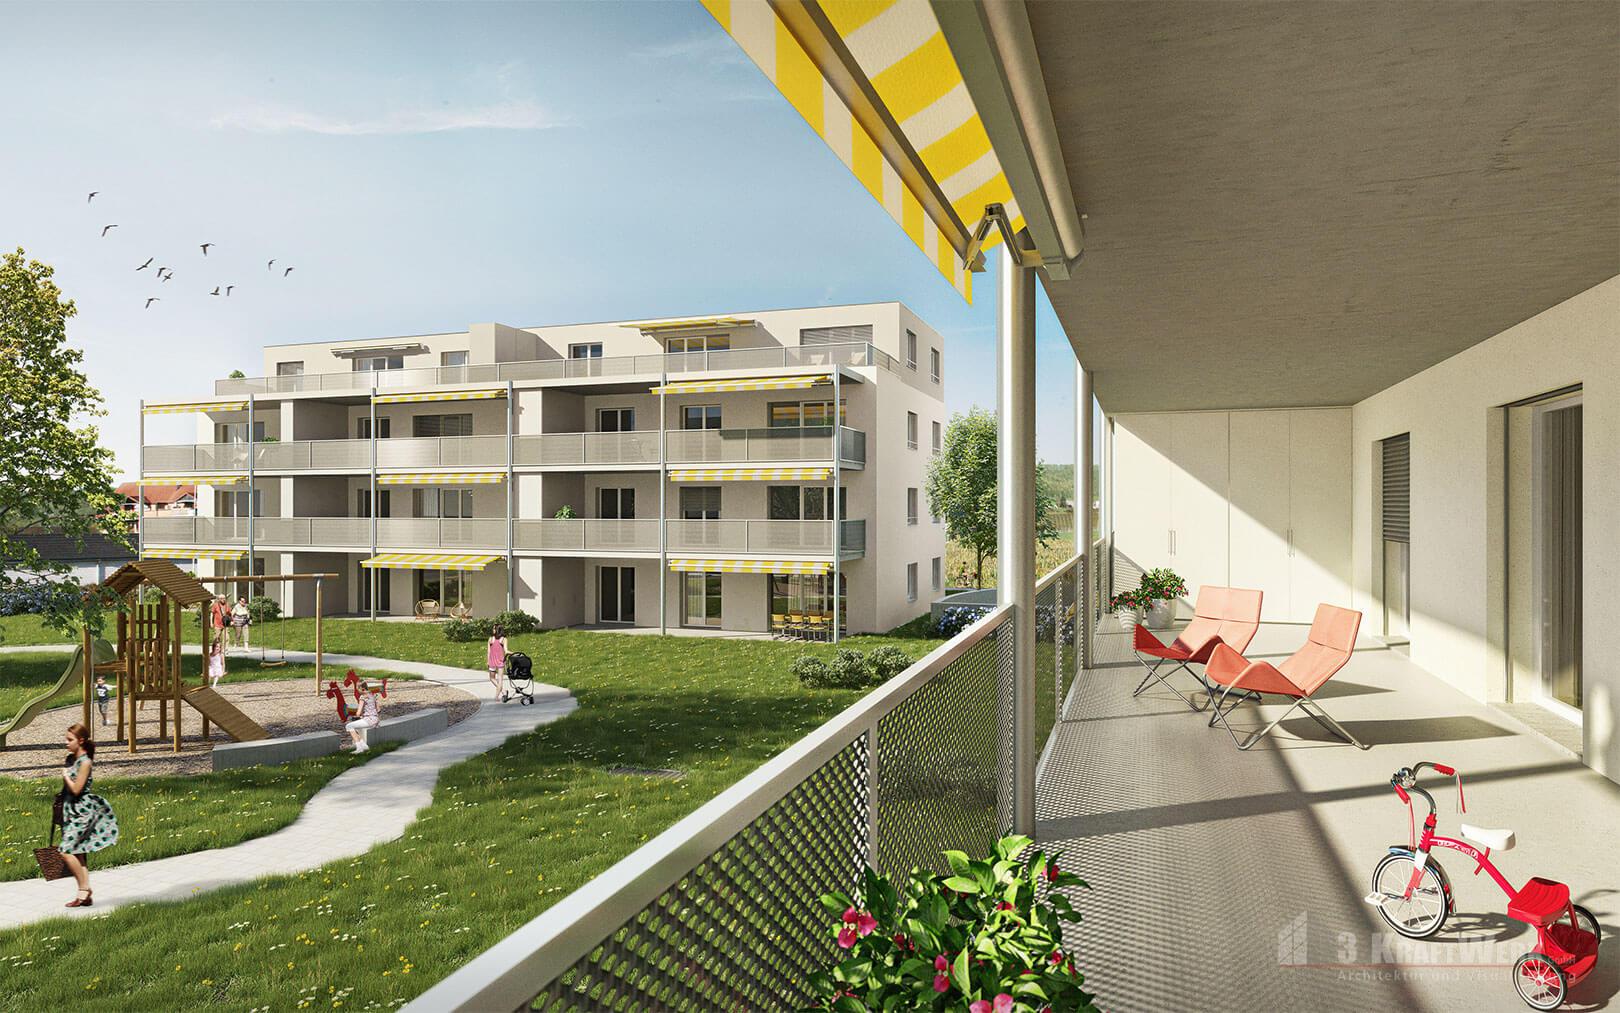 3DKRAFTWERK-visualisierung-architekturvisualisierung-thurgau-diessenhofen-solidus-ap02